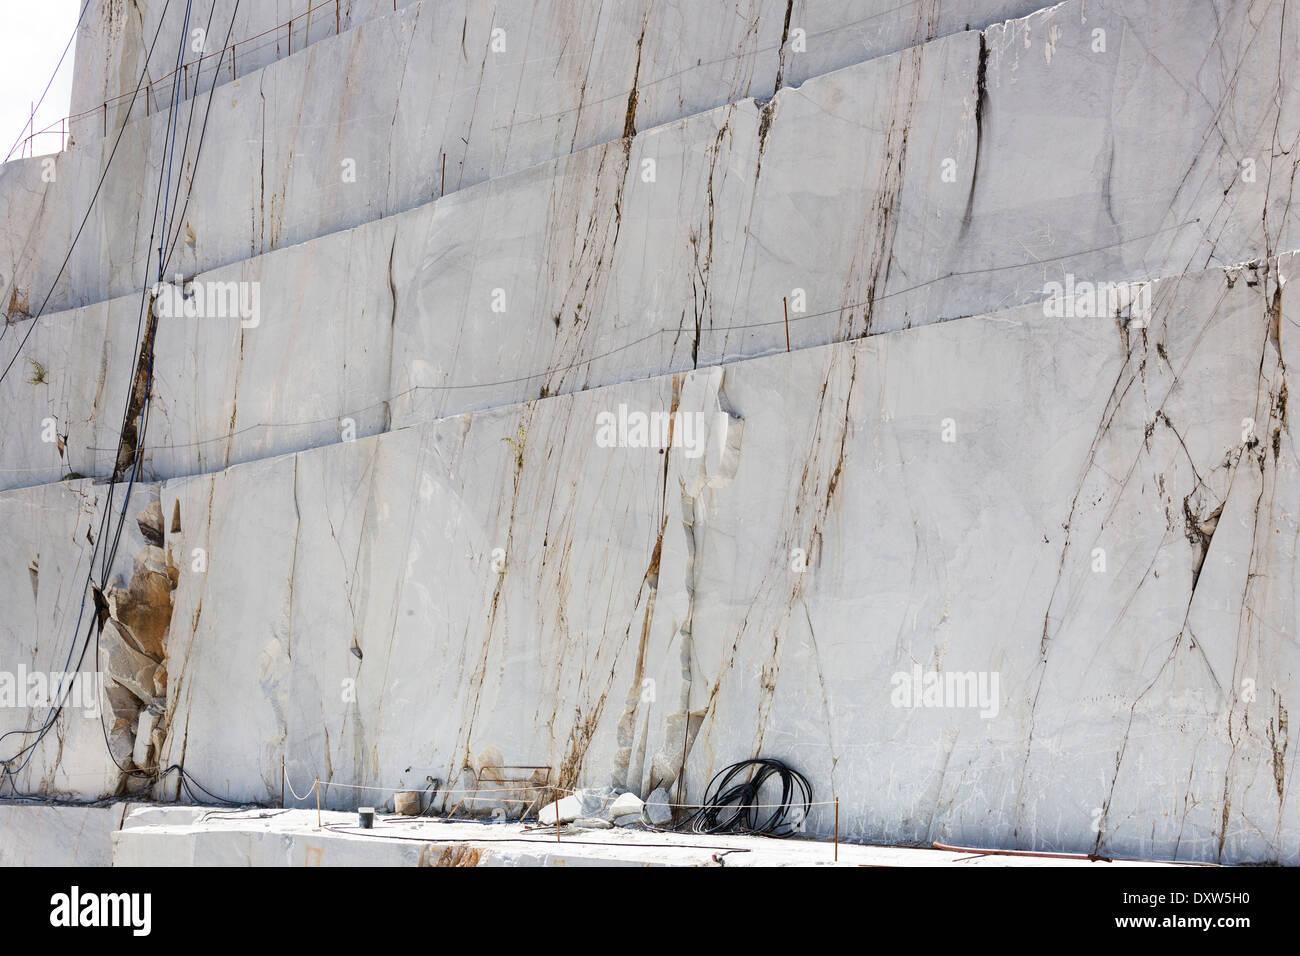 La carrière de marbre dans les Alpes Apuanes près de Carrare, Italie Photo Stock